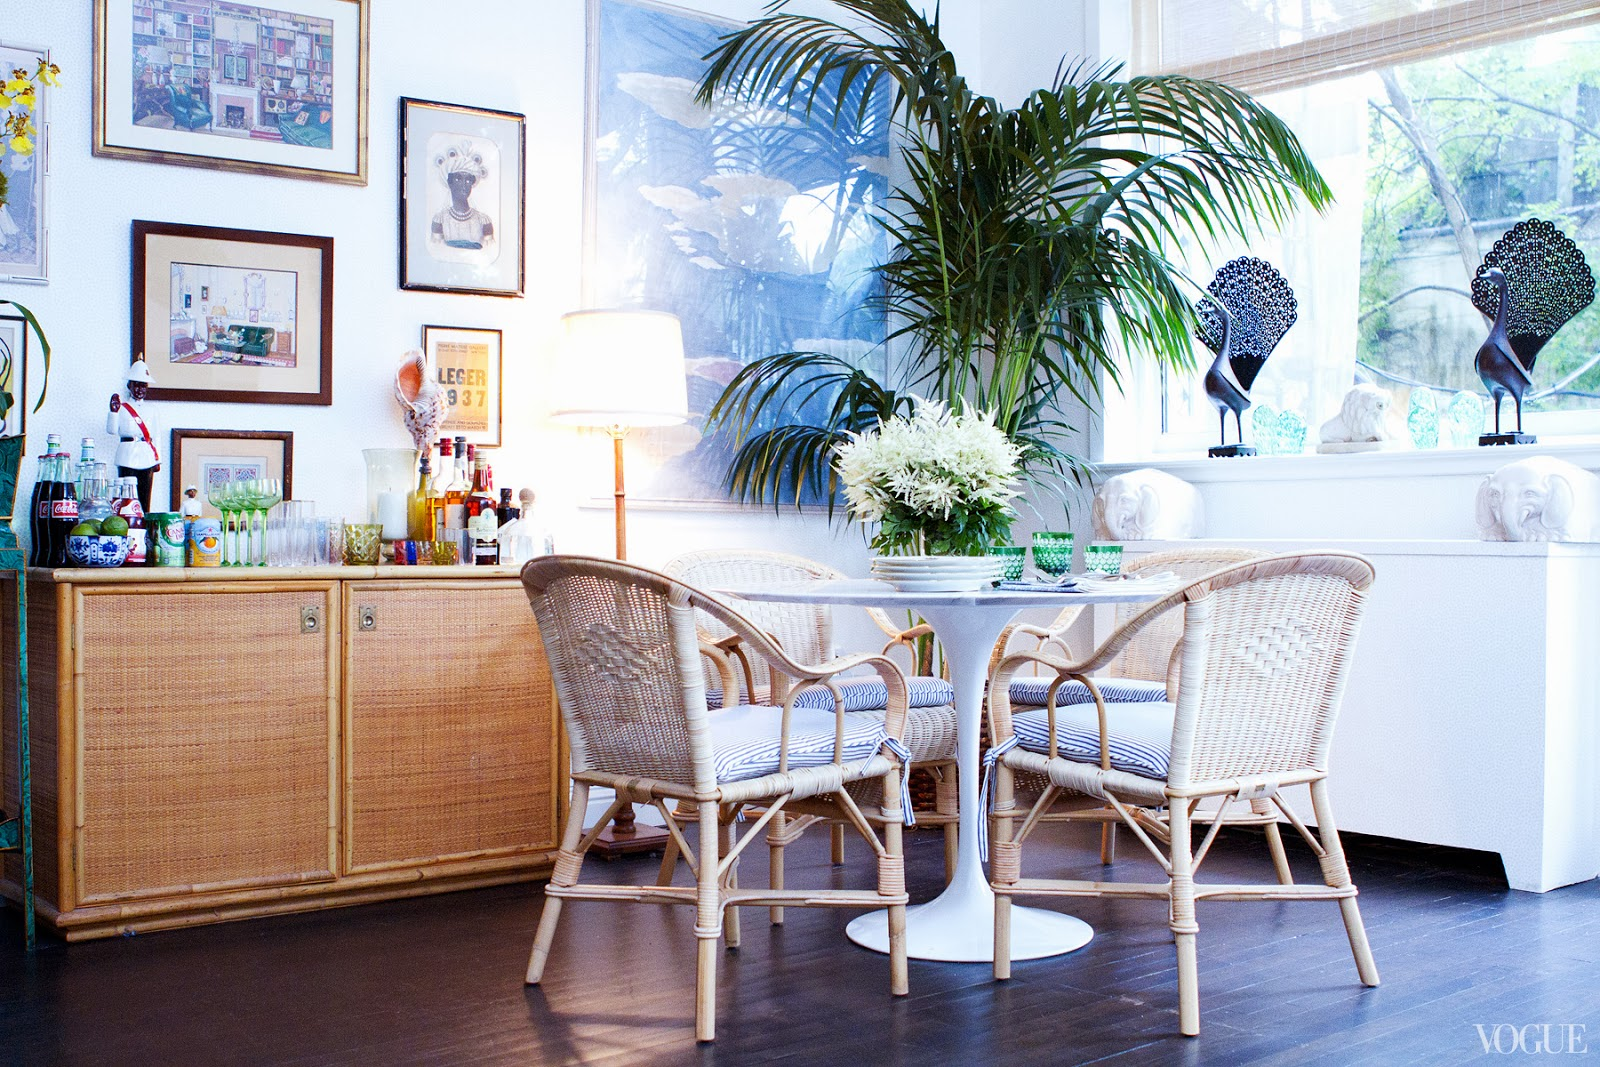 mesa Saarinen é das poucas peças modernas no ambiente. #366695 1600x1067